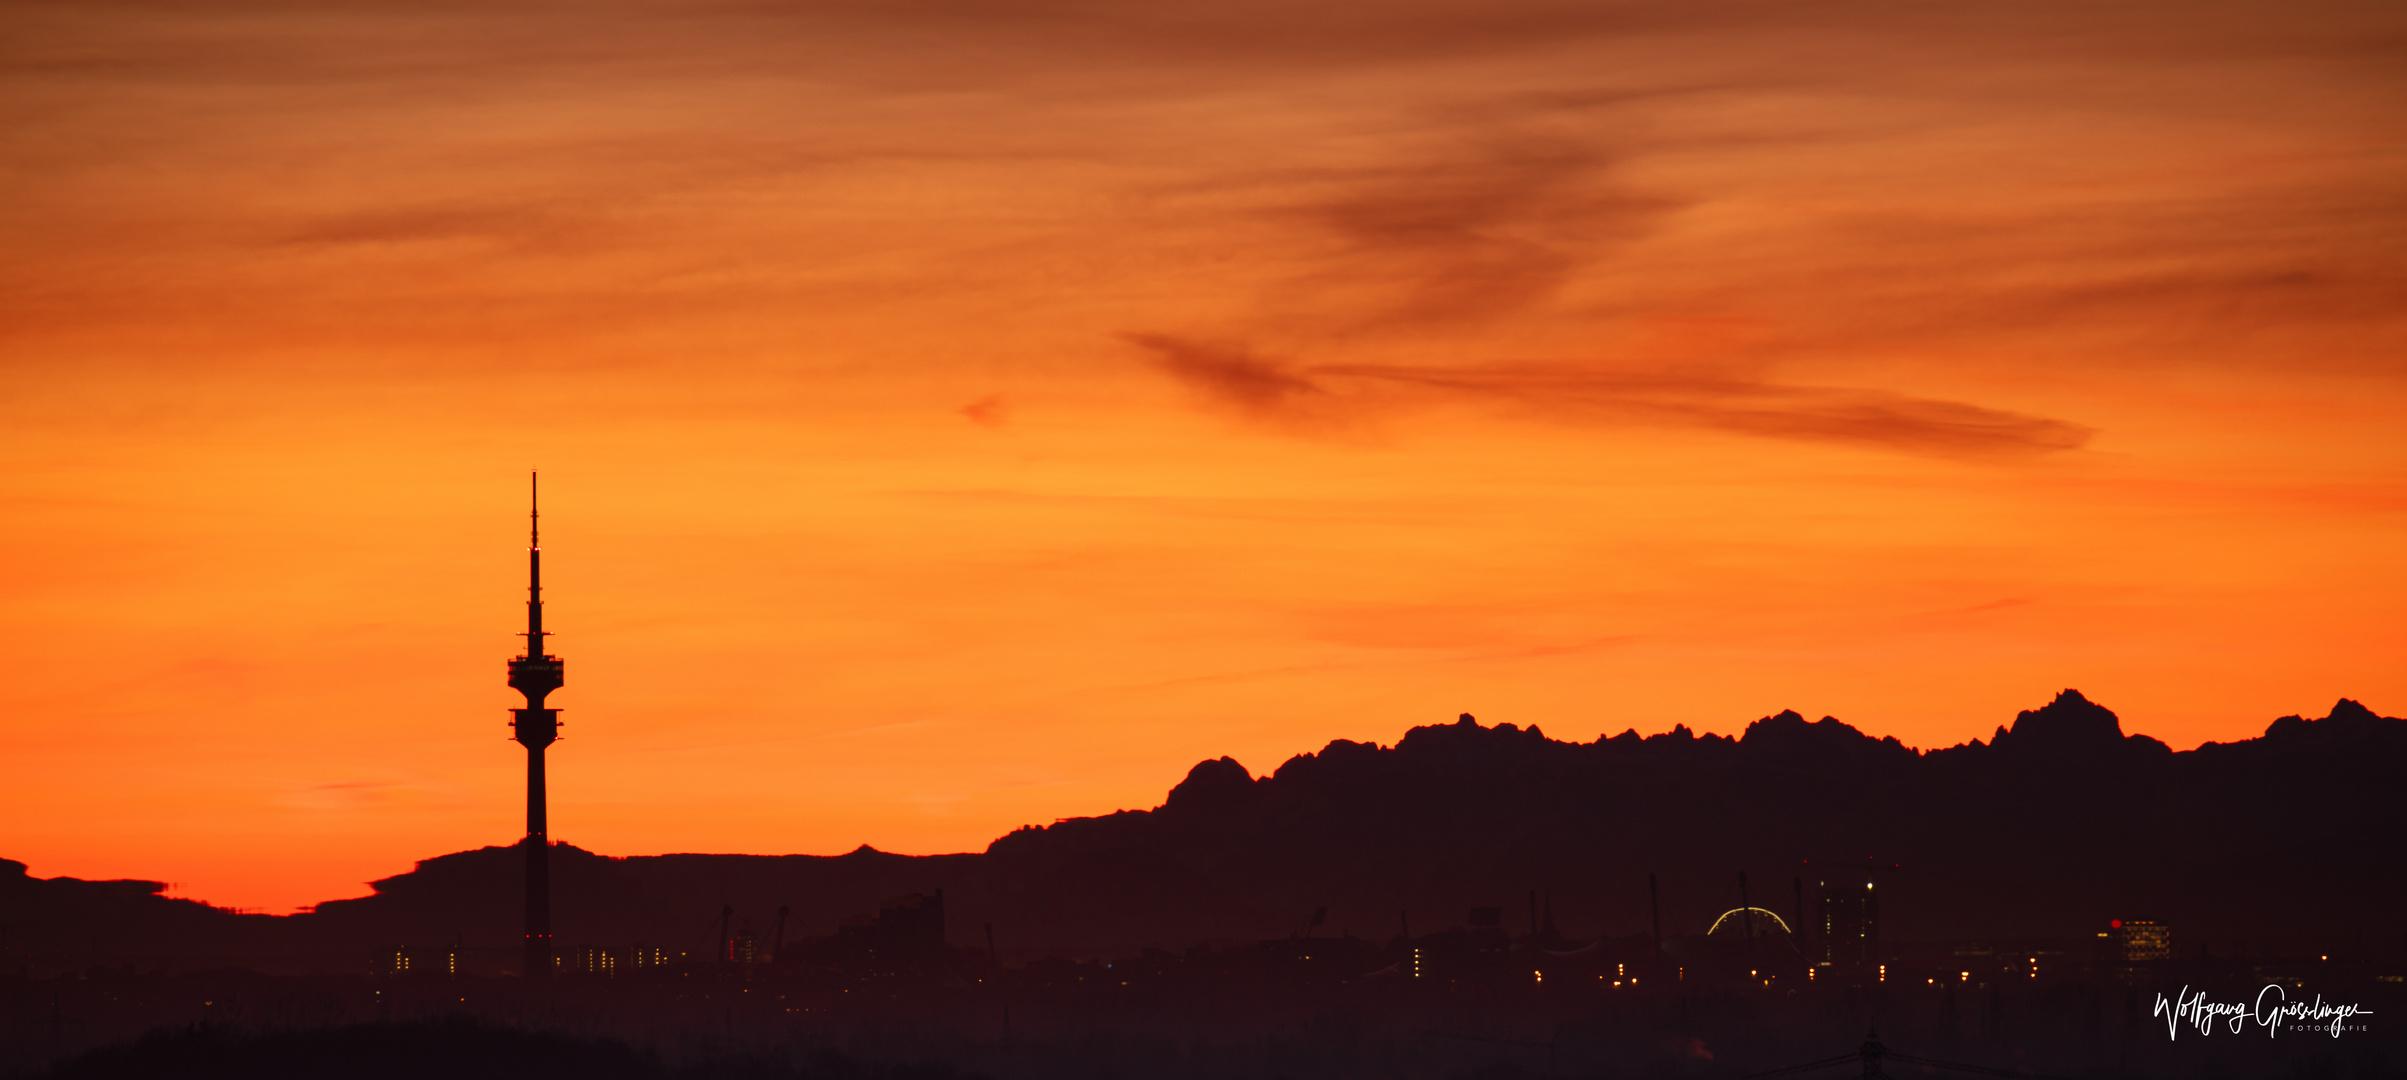 Weit vor Sonnenaufgang in München